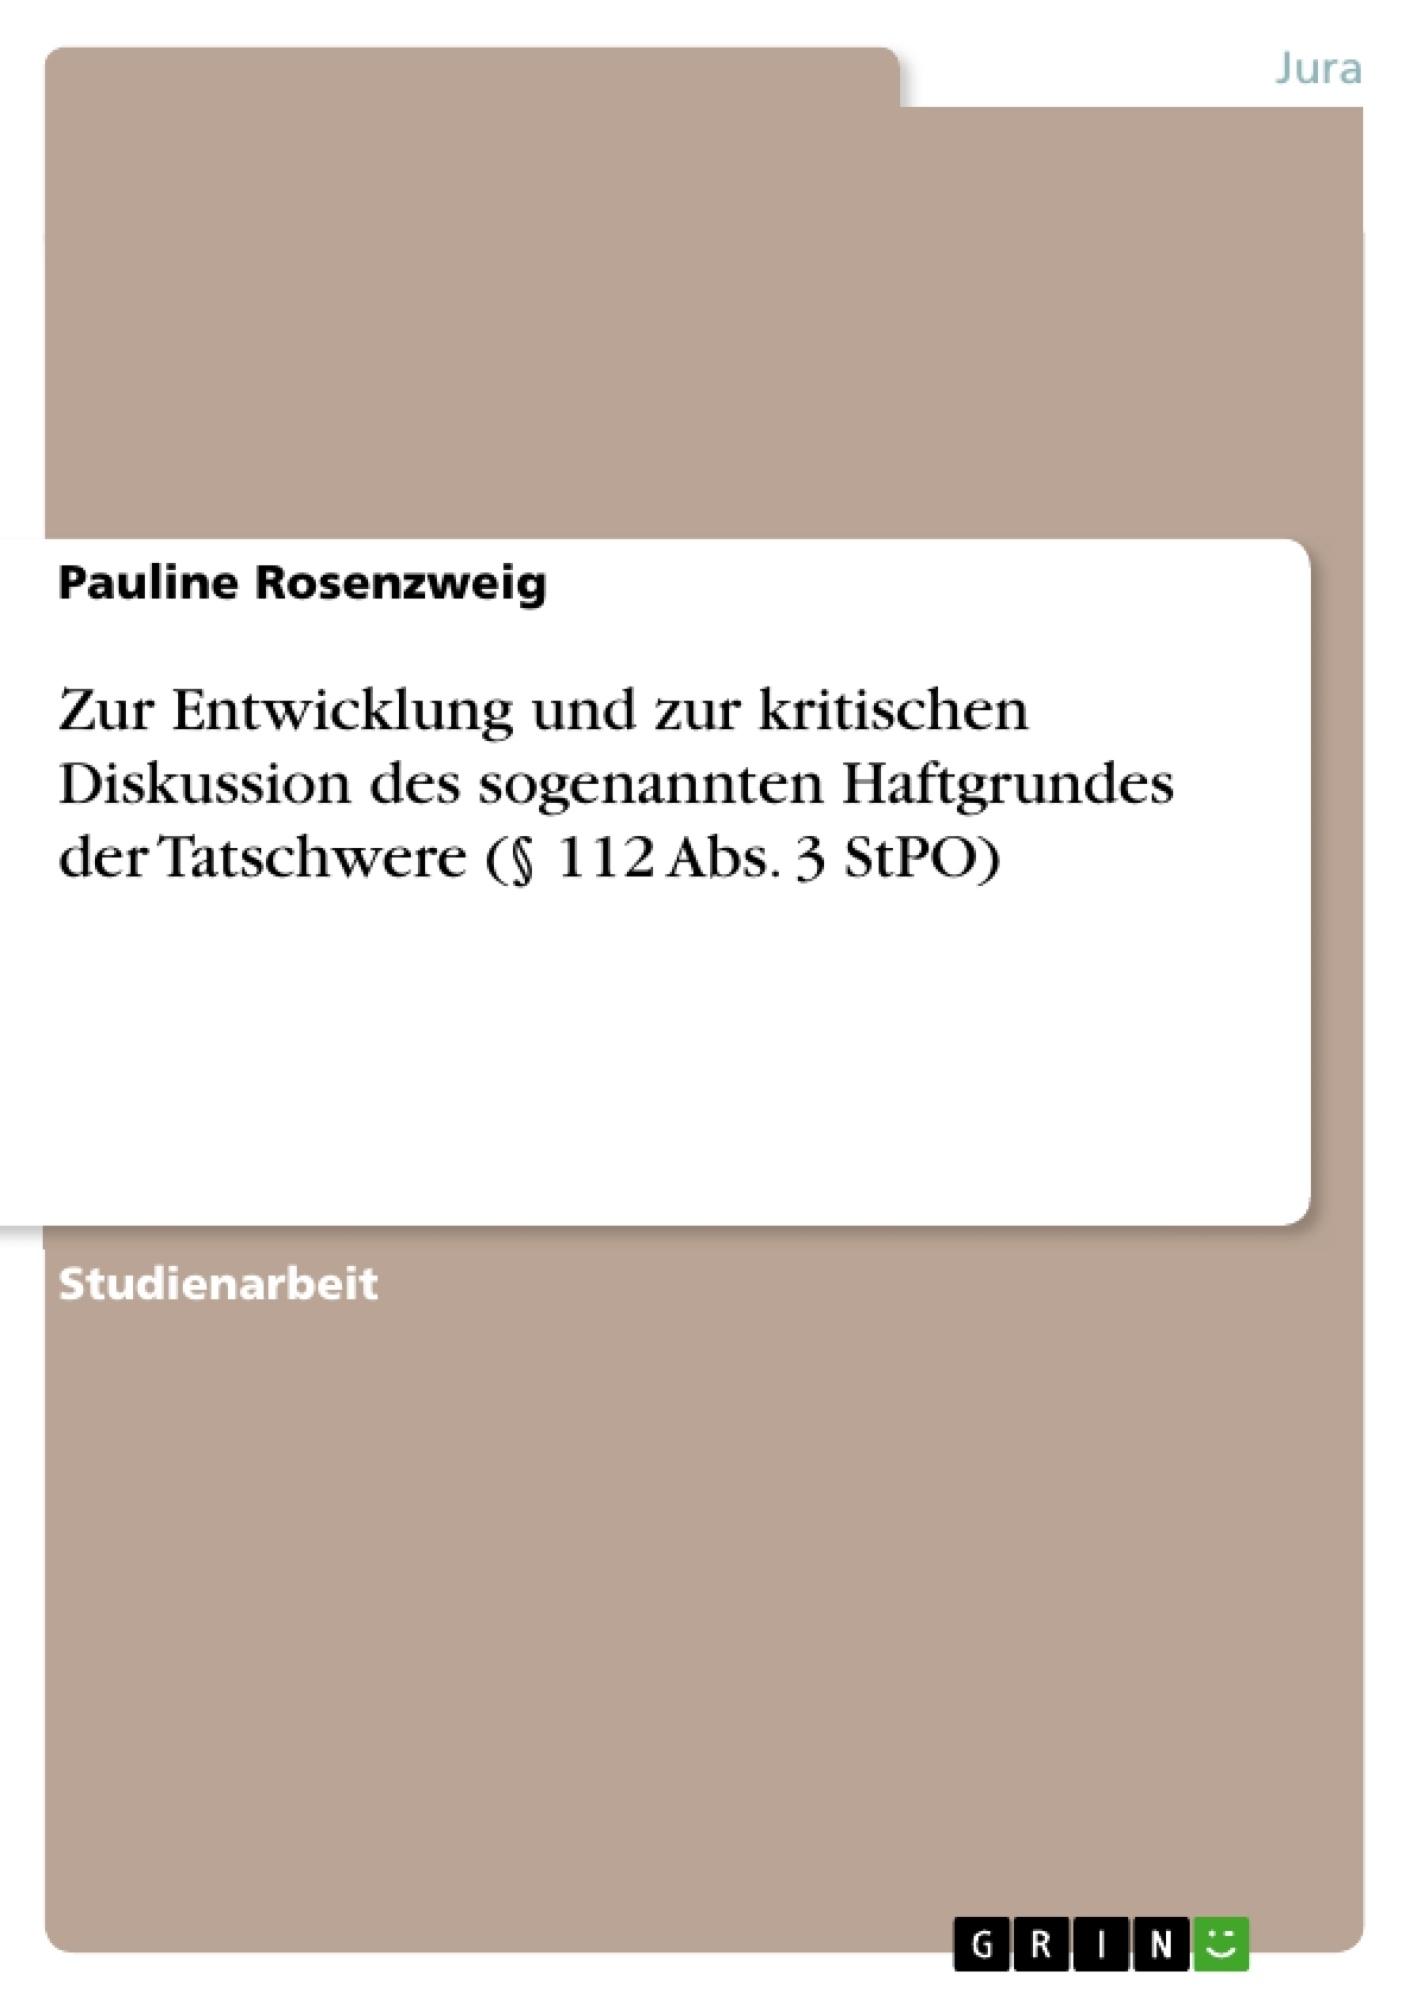 Titel: Zur Entwicklung und zur kritischen Diskussion des sogenannten Haftgrundes der Tatschwere (§ 112 Abs. 3 StPO)